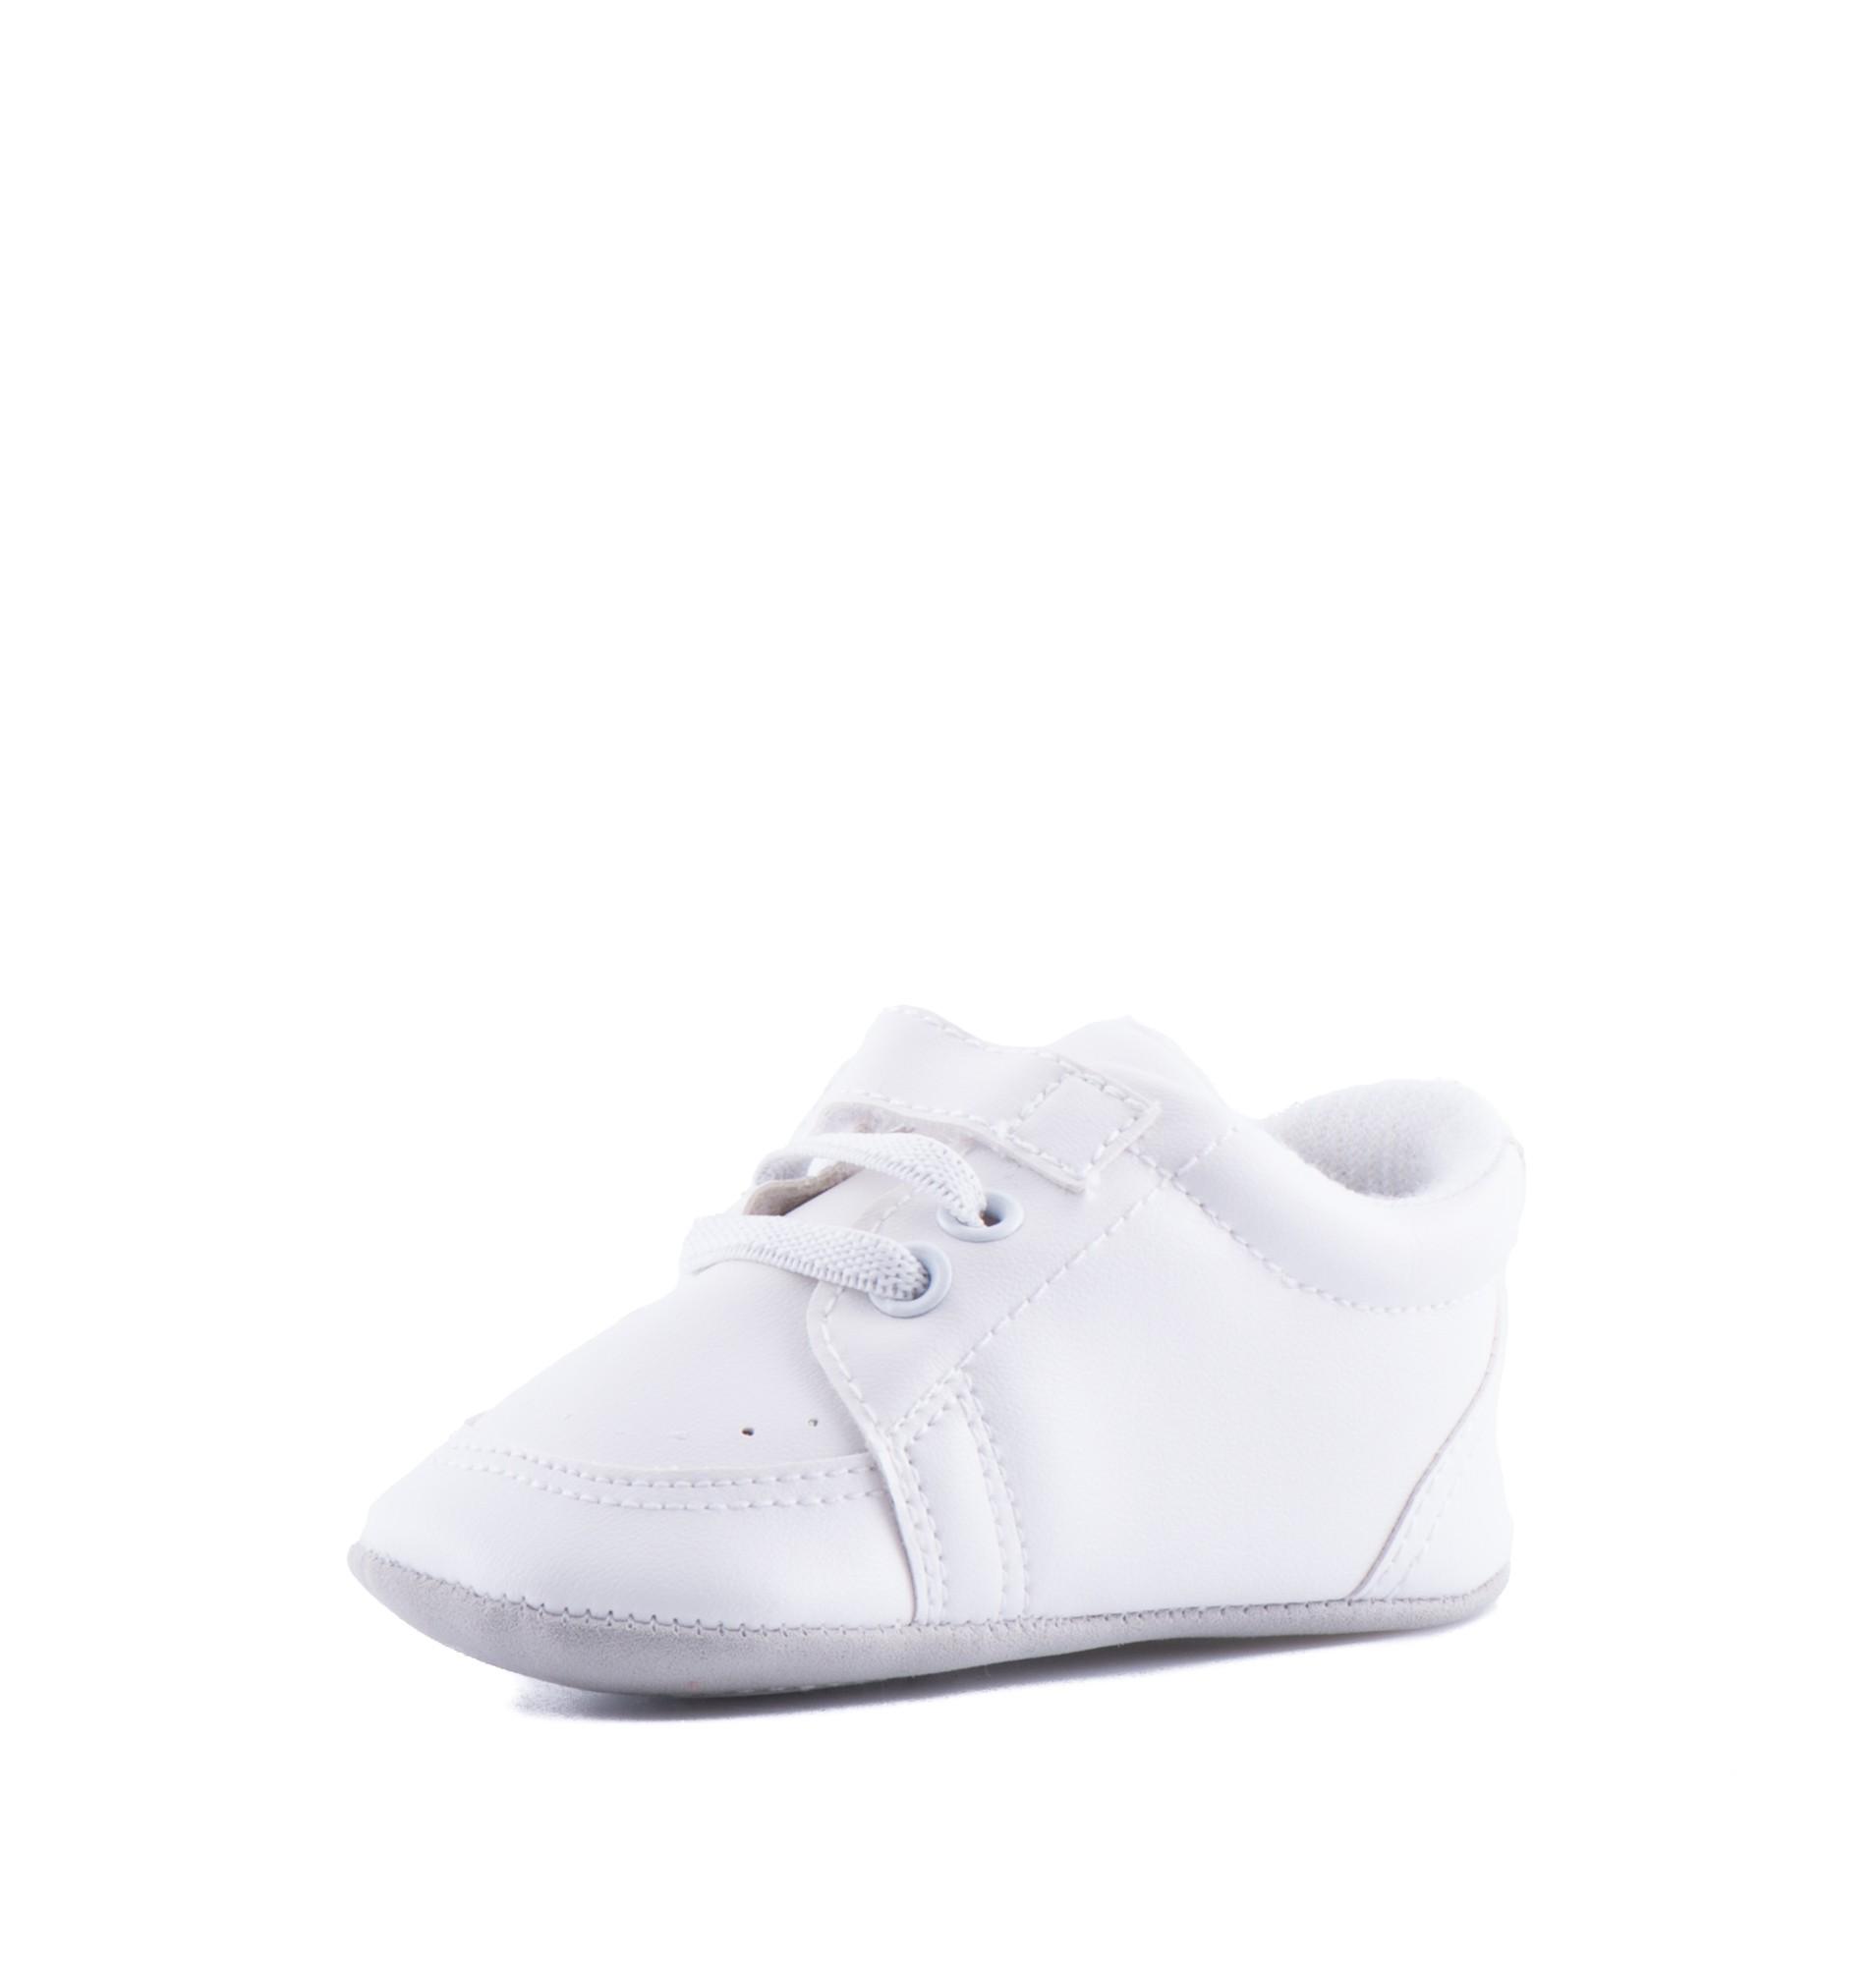 Bruidsjonkersschoenen Baby in de kleur off white met veter